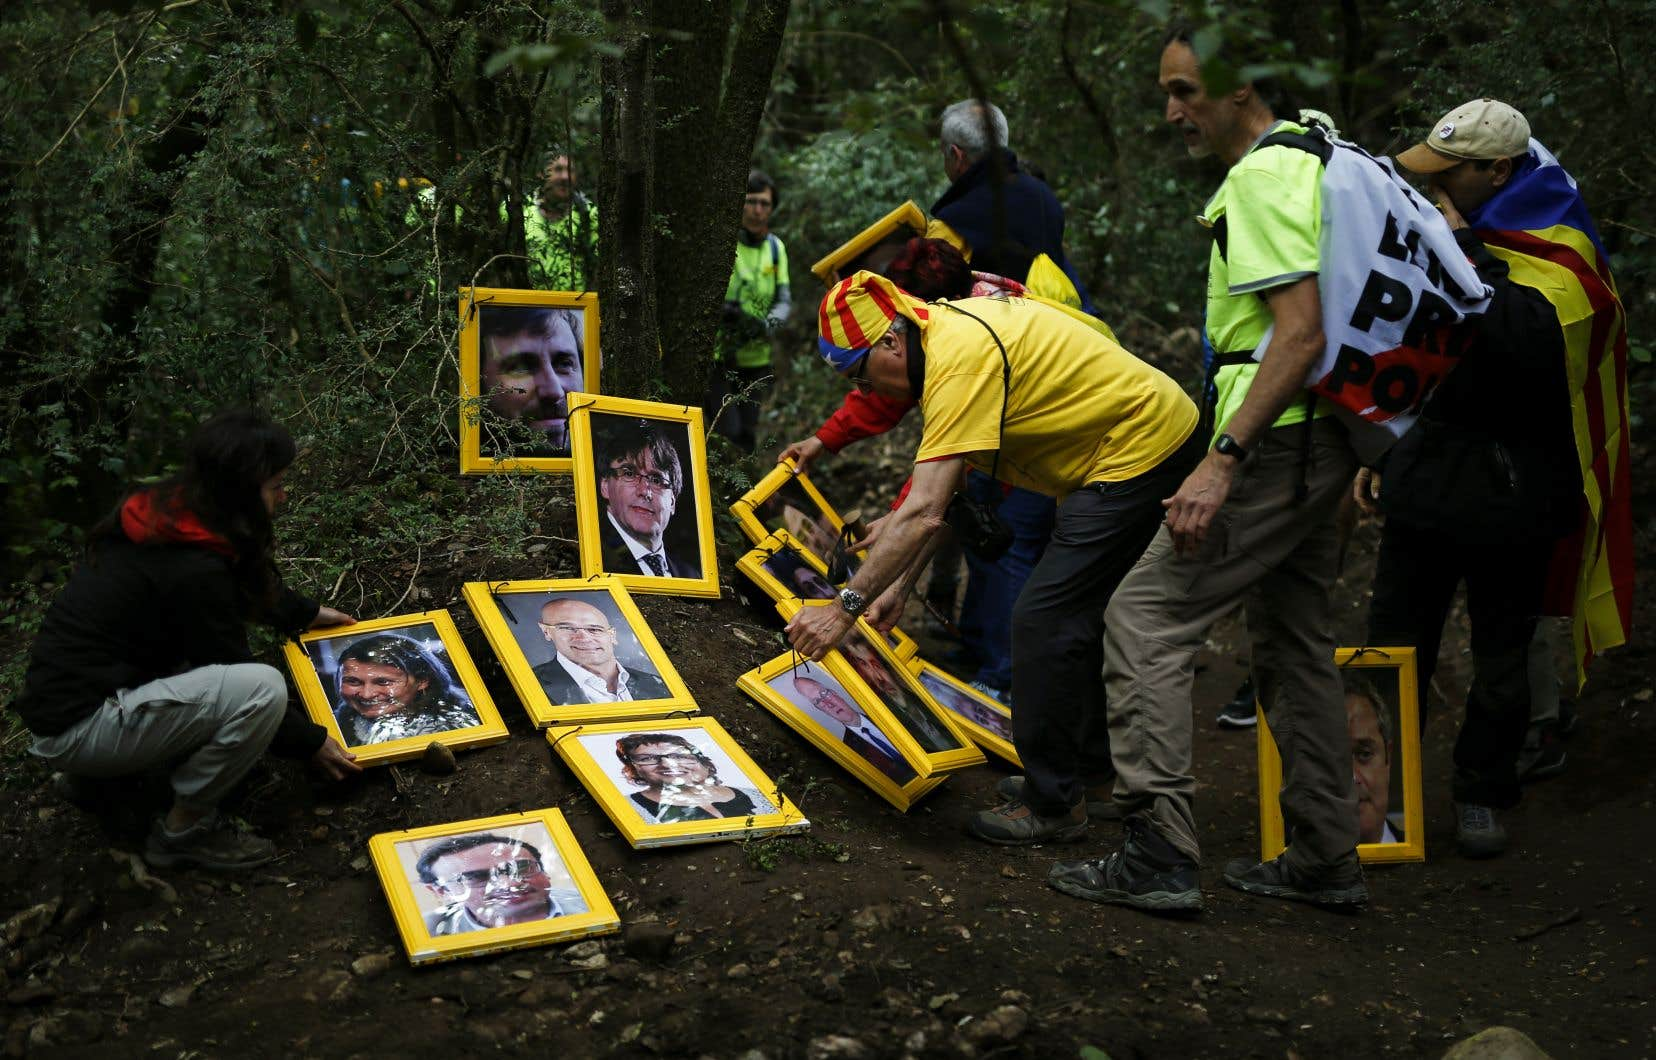 Des manifestants ont disposé des portraits des leaders indépendantistes sur la montagne de Montserrat, près de Barcelone, samedi.